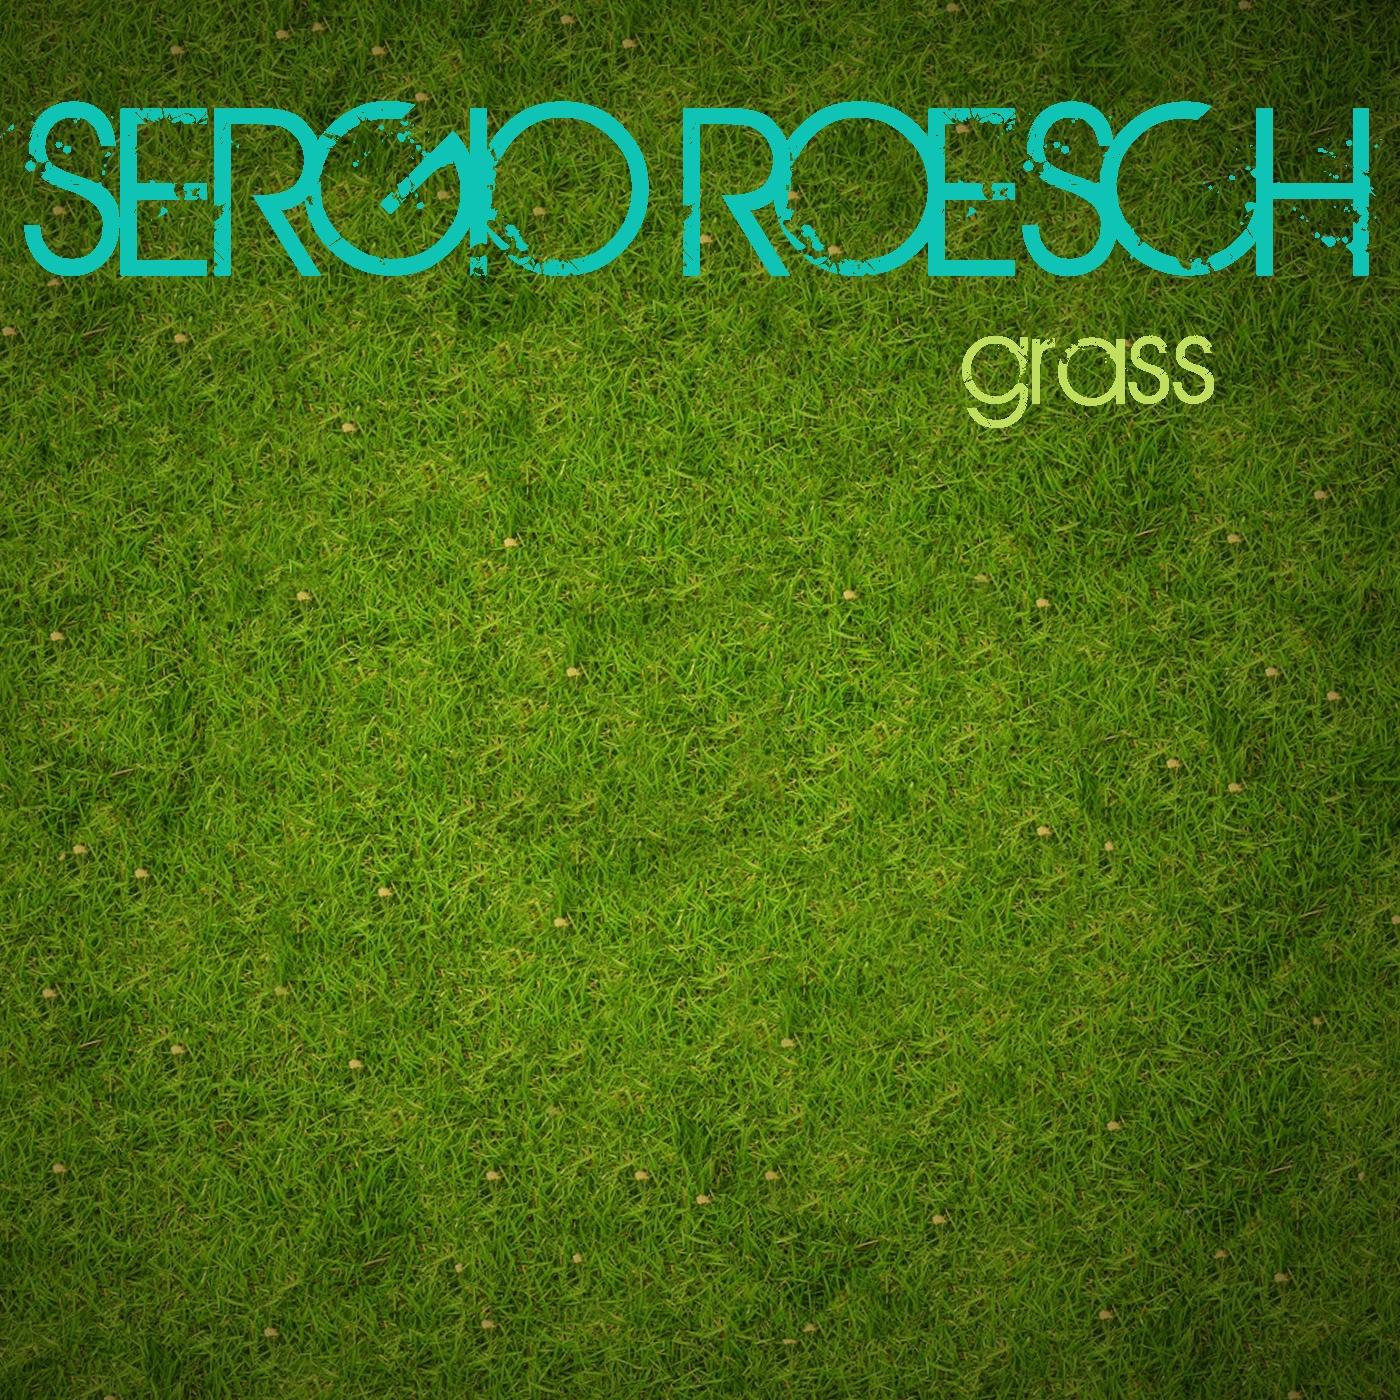 Sergio Roesch - Look Up (Original Mix)